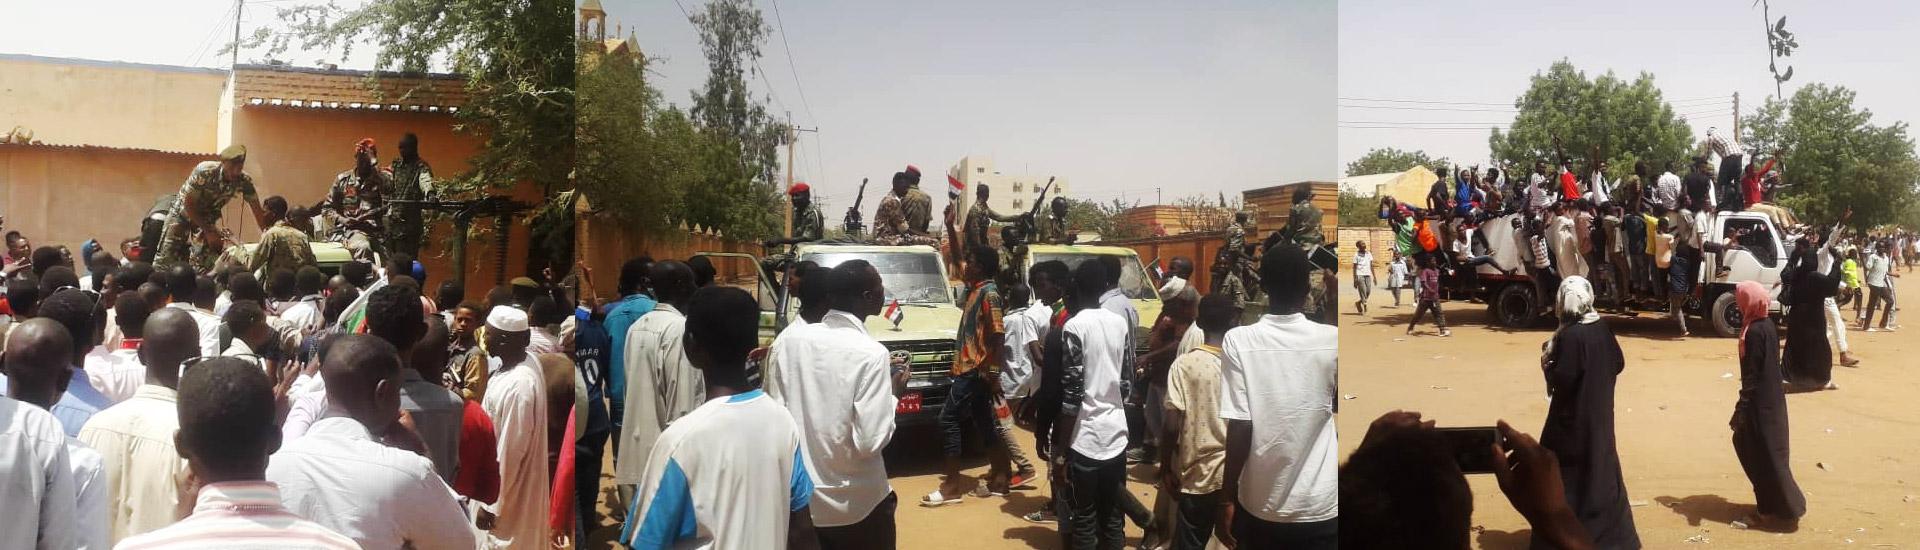 Sudán, entre el júbilo y la incertidumbre